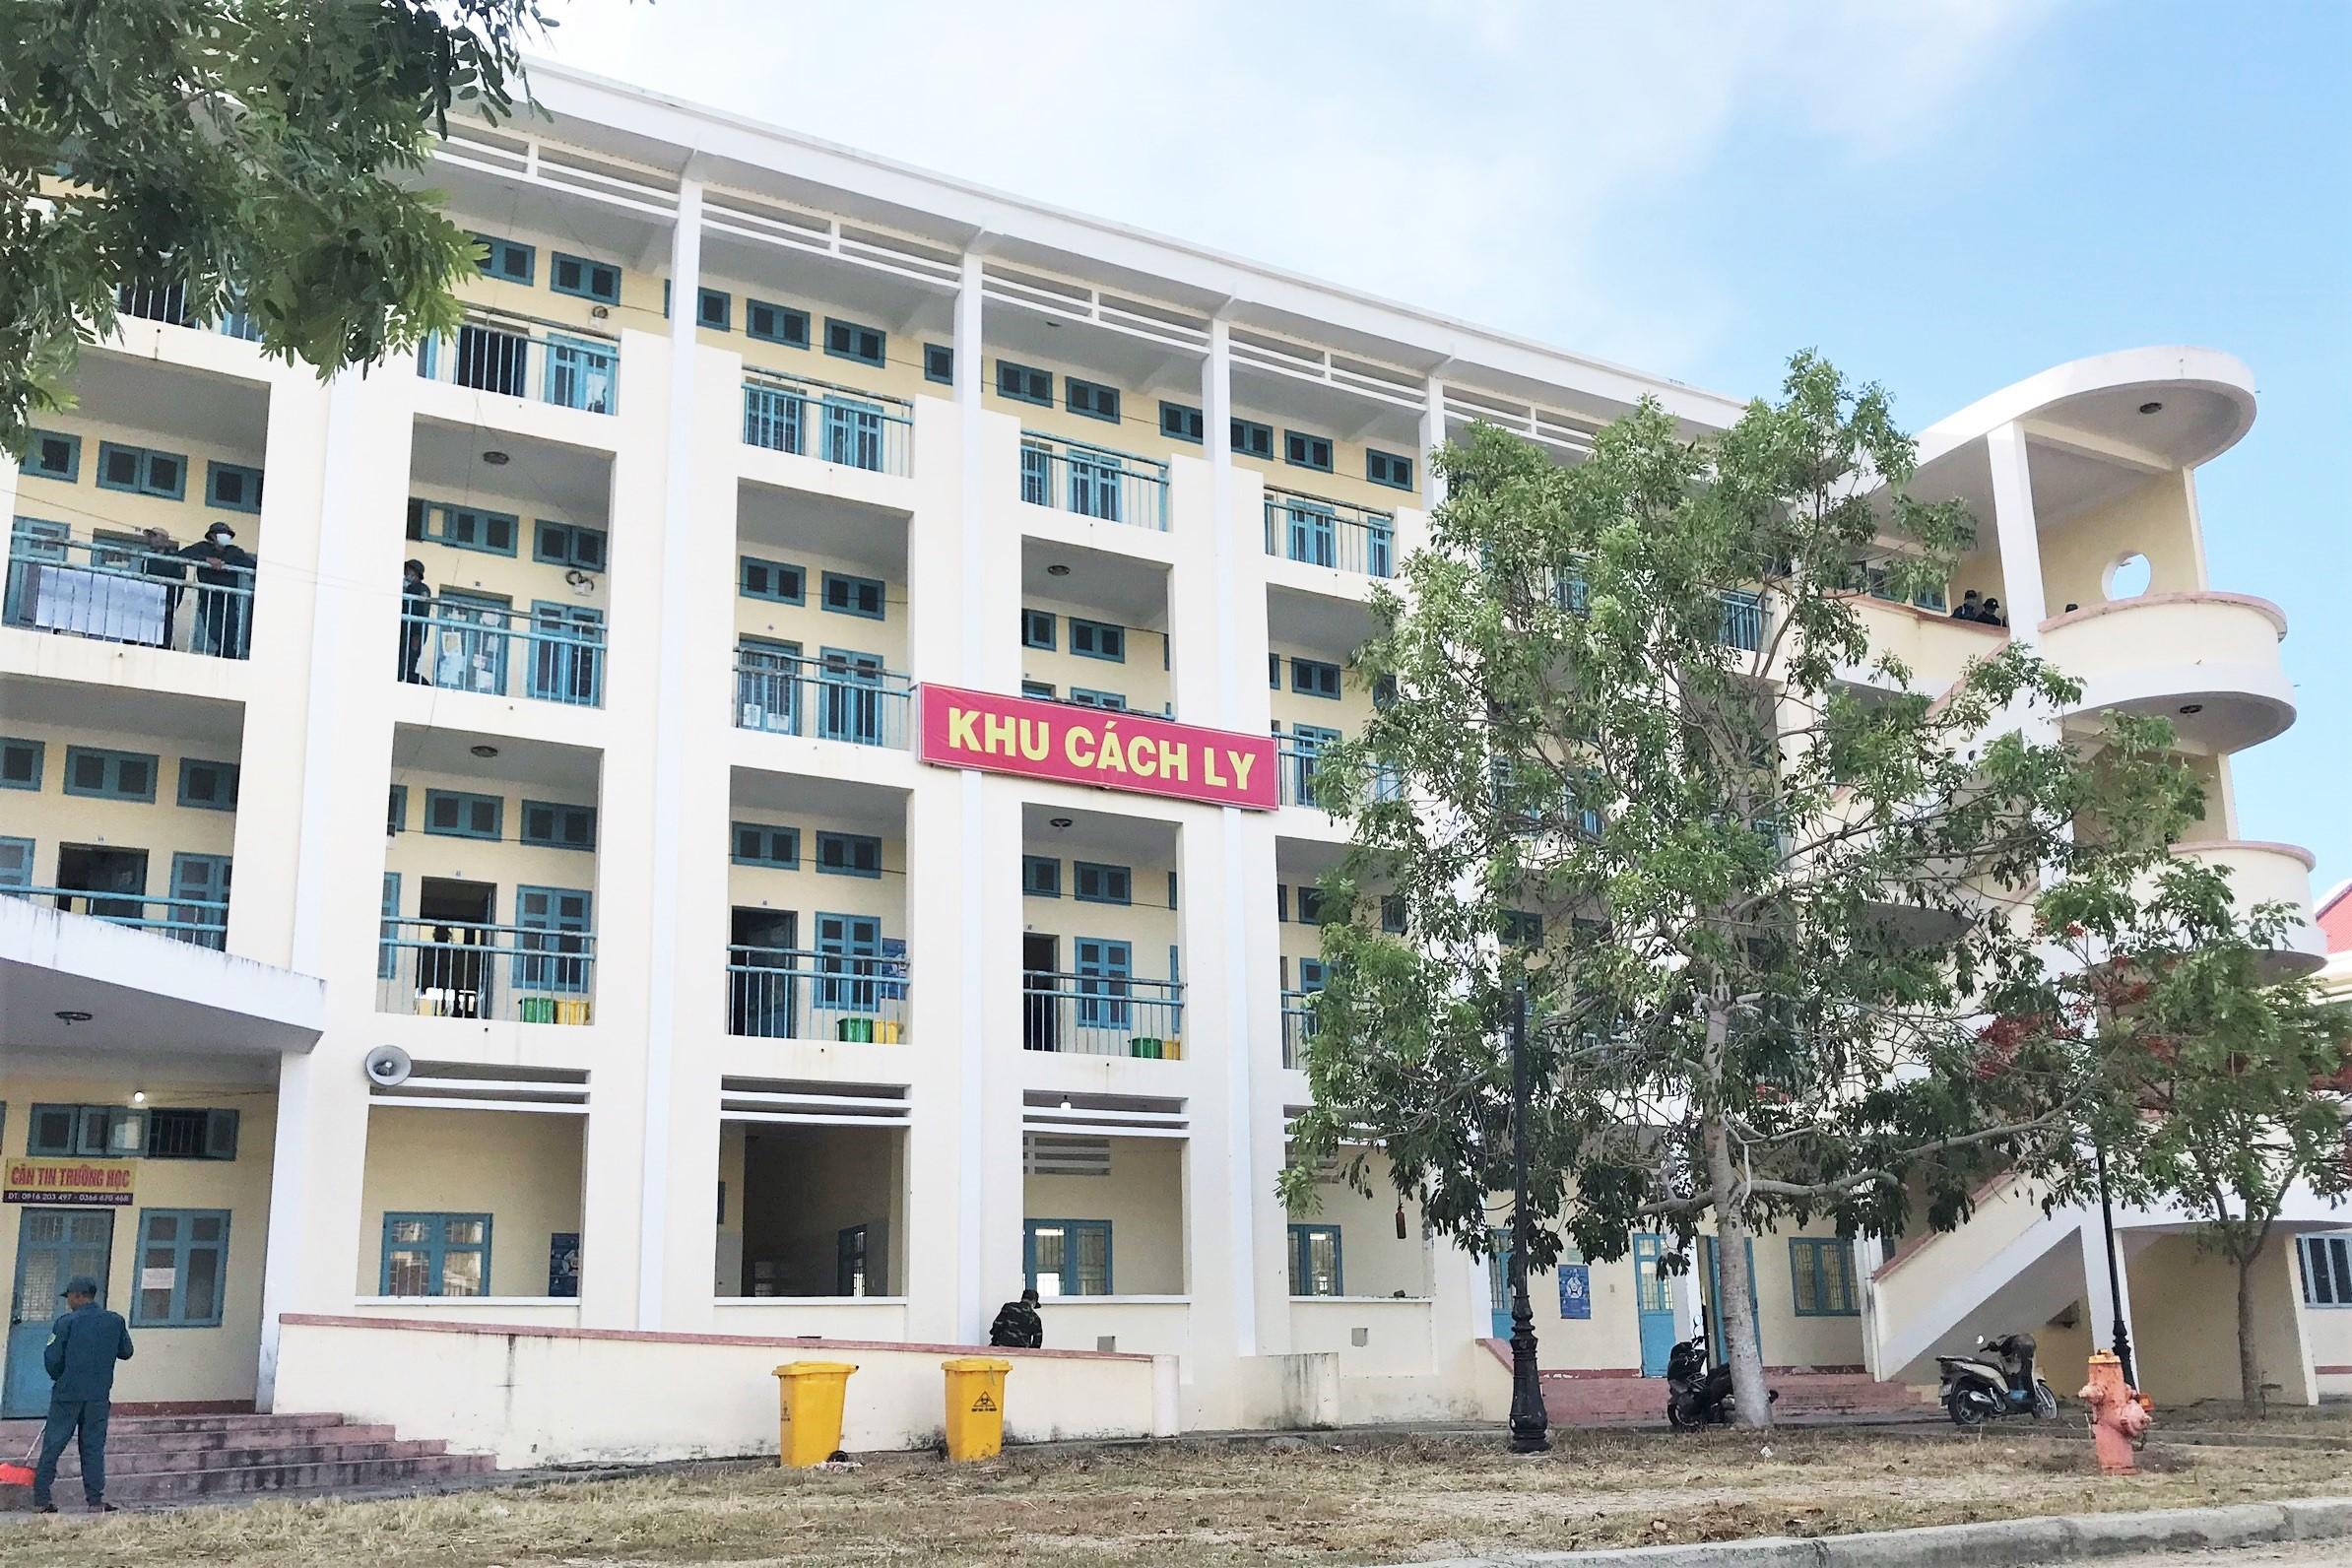 Trường Dân tộc Nội trú huyện Ninh Phước, nơi bà Tuyết đang cách ly tập Trung. Ảnh: Đức Huynh